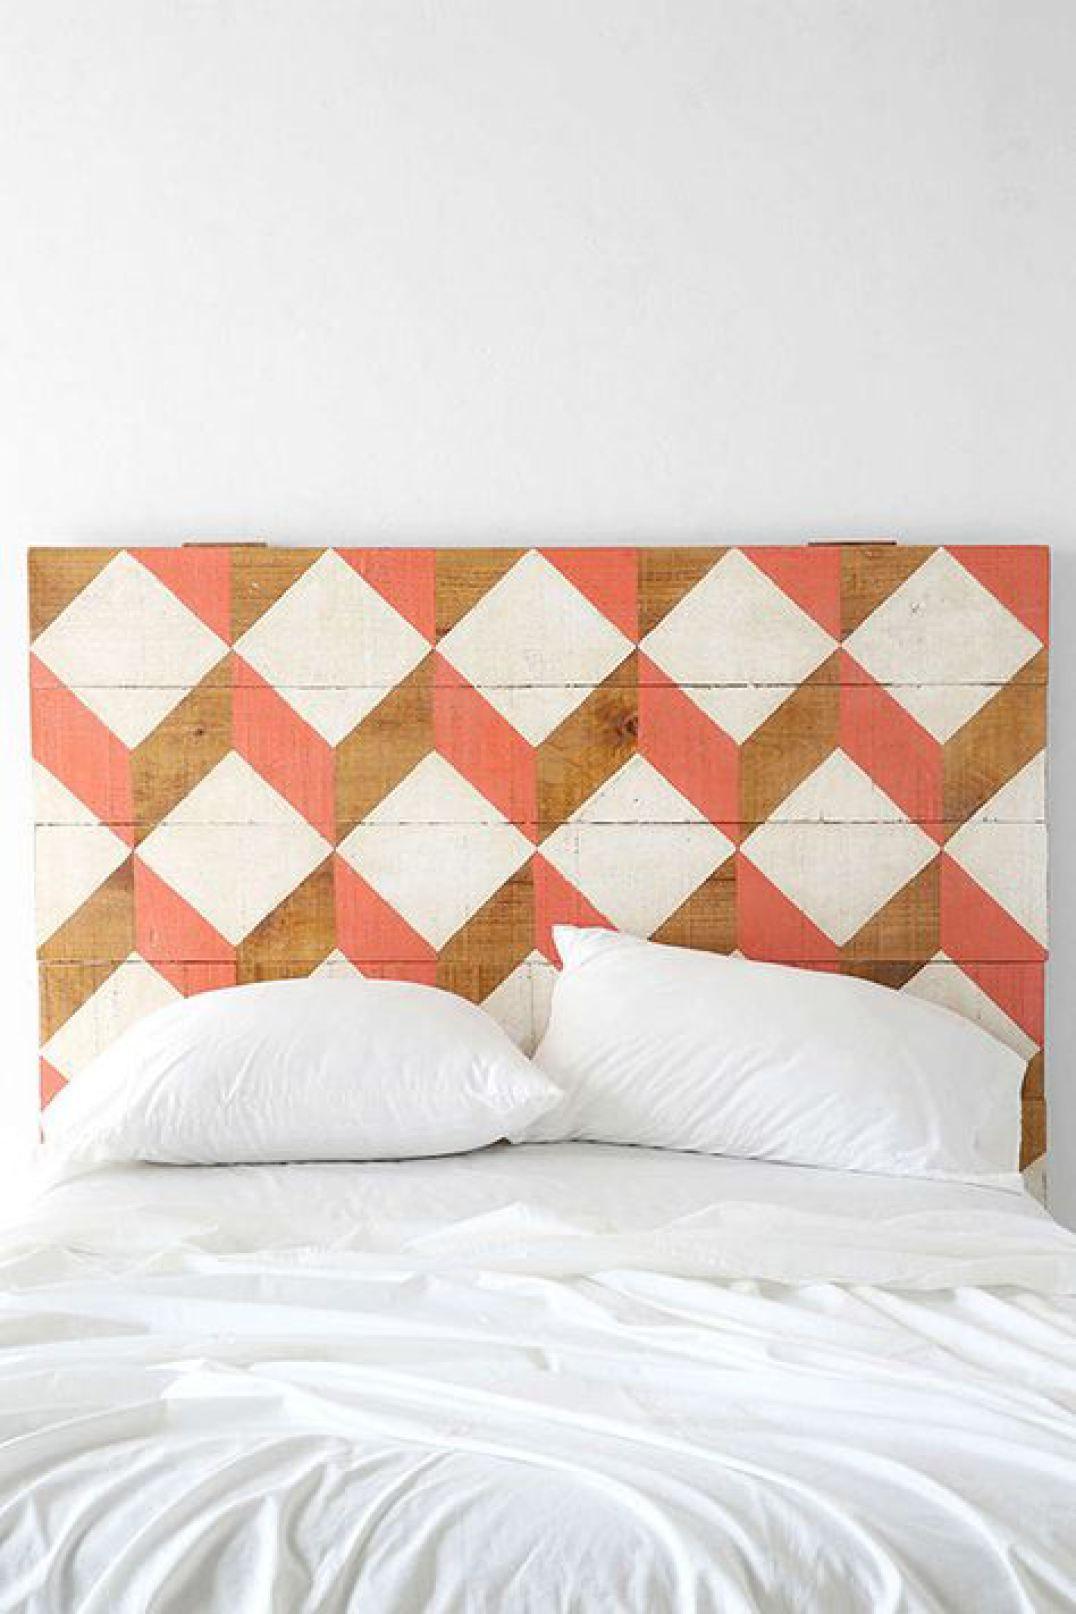 Idee Deco tete de lit a faire soi meme : Tête de lit géométrique à faire soi-même | Design | Pinterest ...